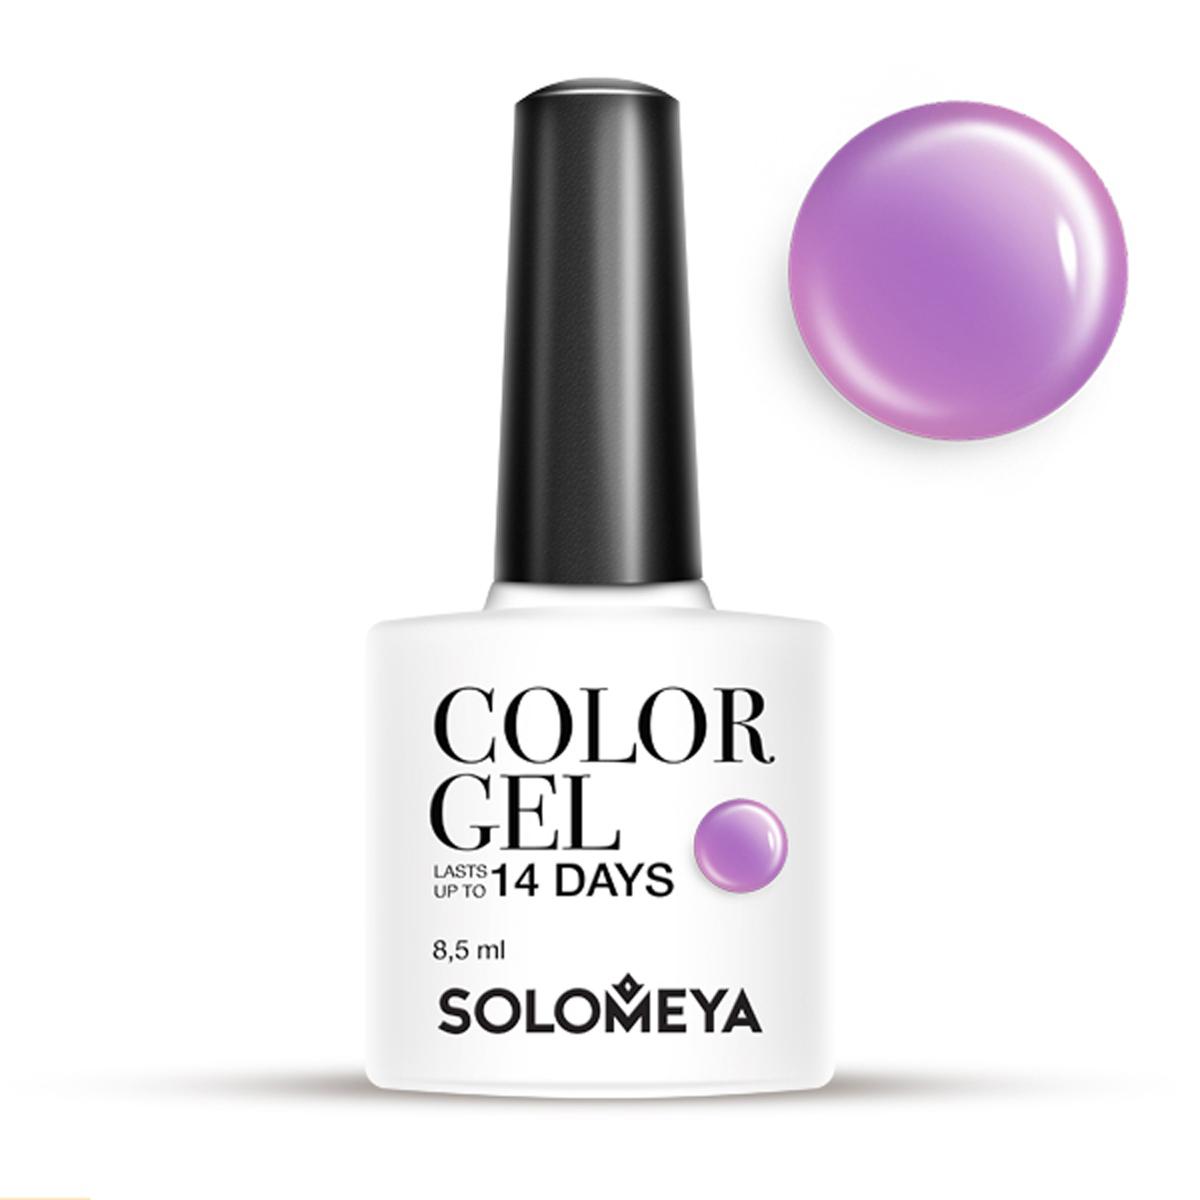 SOLOMEYA Гель-лак для ногтей SCG069 Жевательные конфеты / Color Gel Jelly Beans 8,5мл гель лак для ногтей solomeya color gel beret scg034 берет 8 5 мл